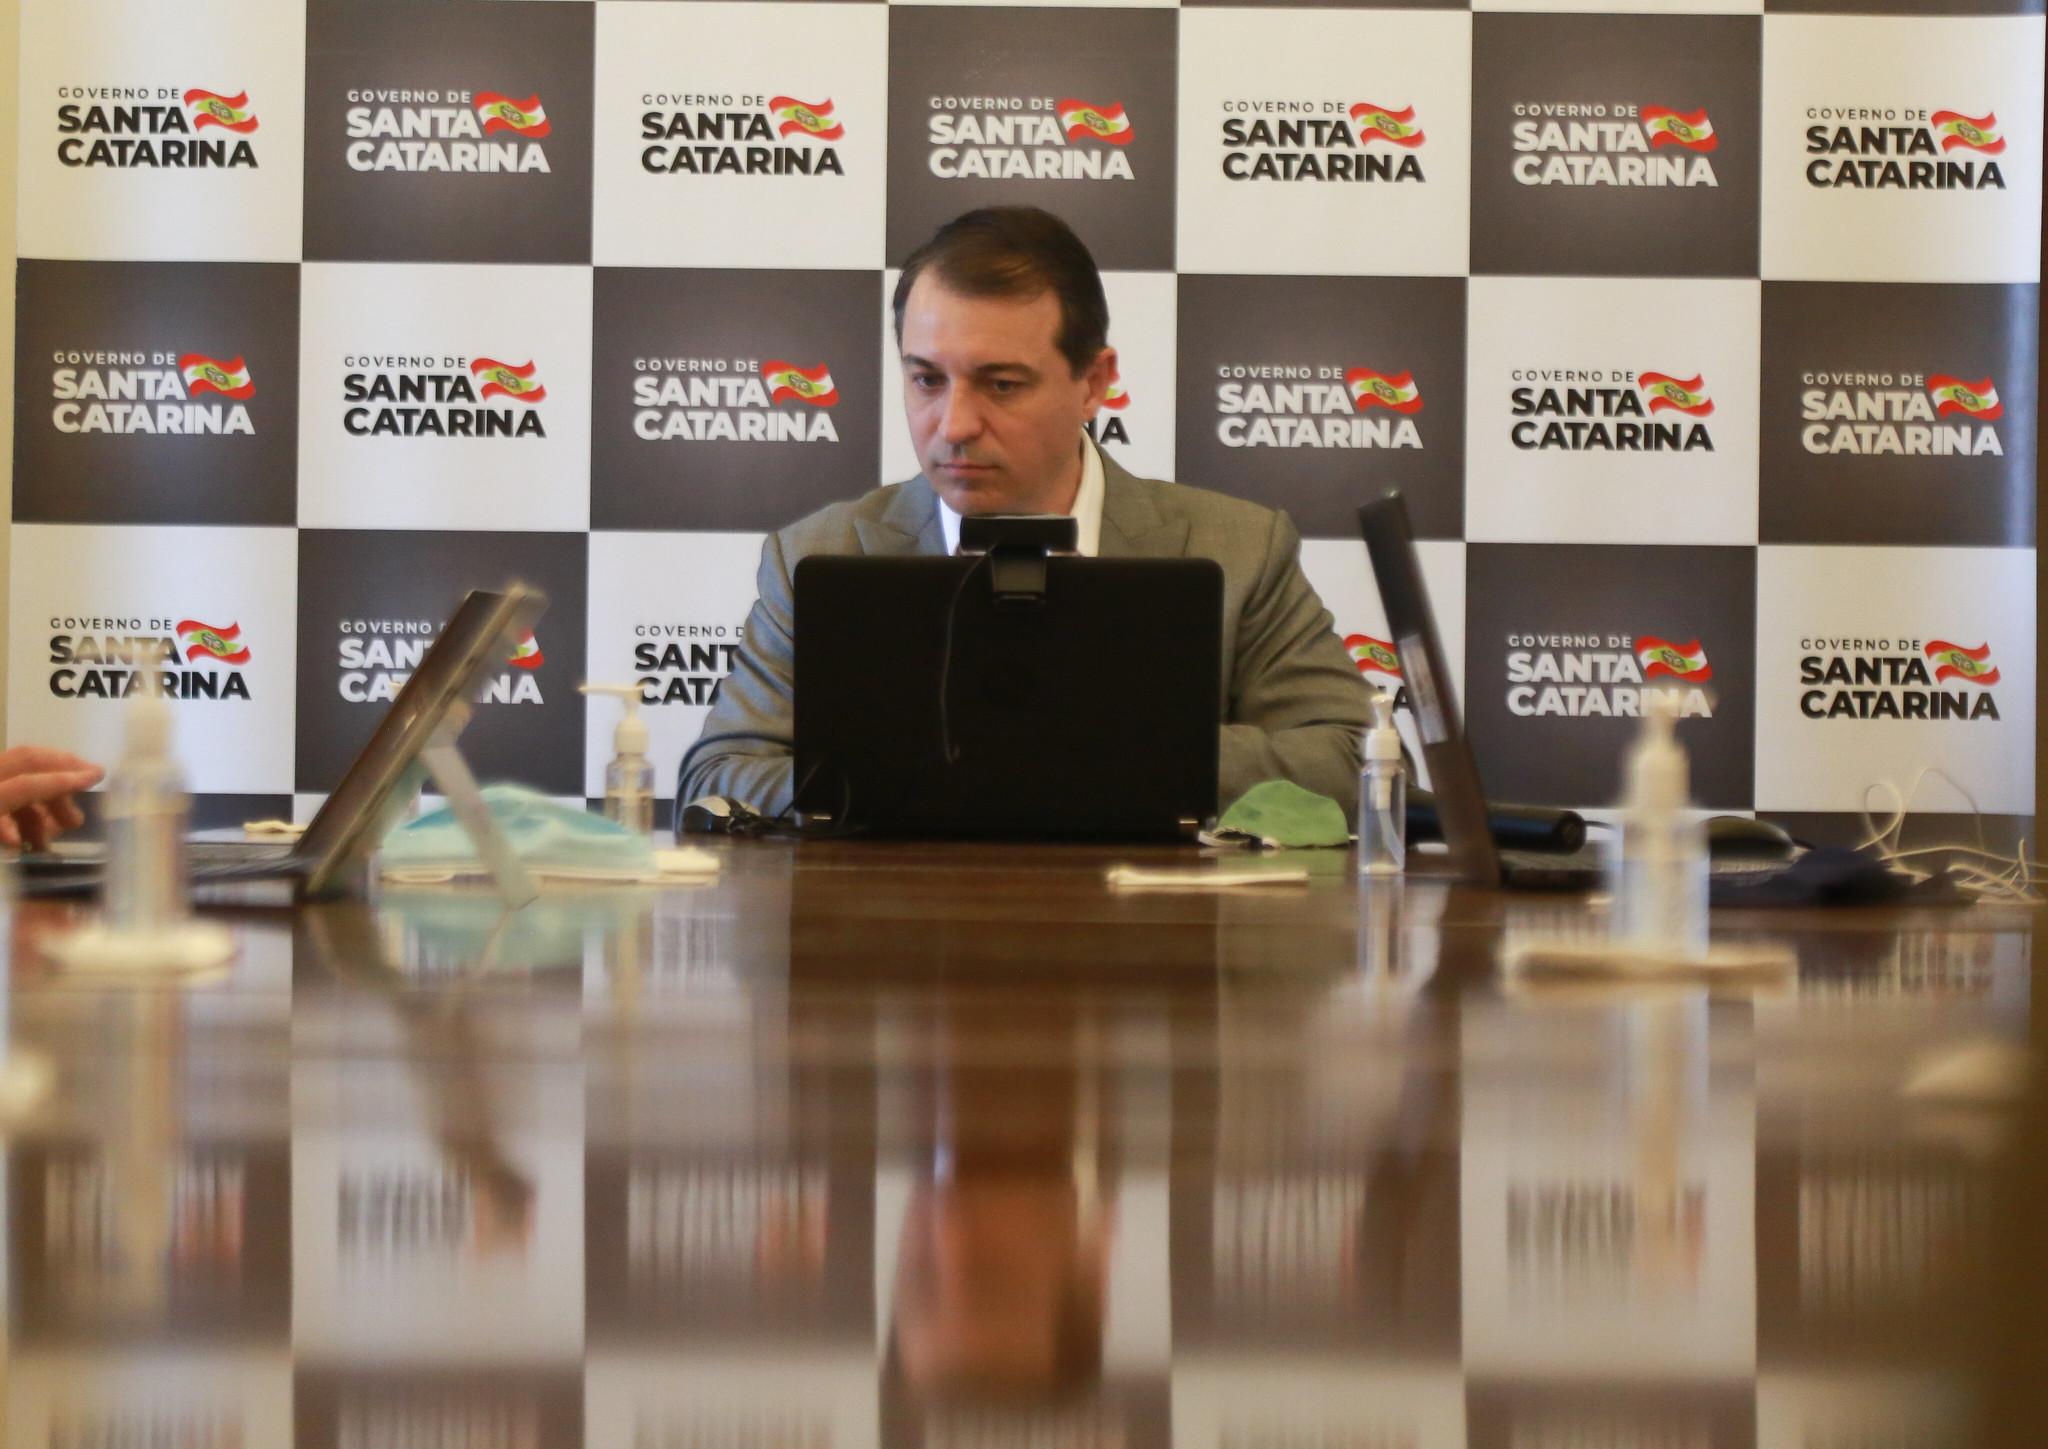 Carlos Moisés, governador de Santa Catarina. [fotografo]Julio Cavalheiro/Secom[/fotografo]